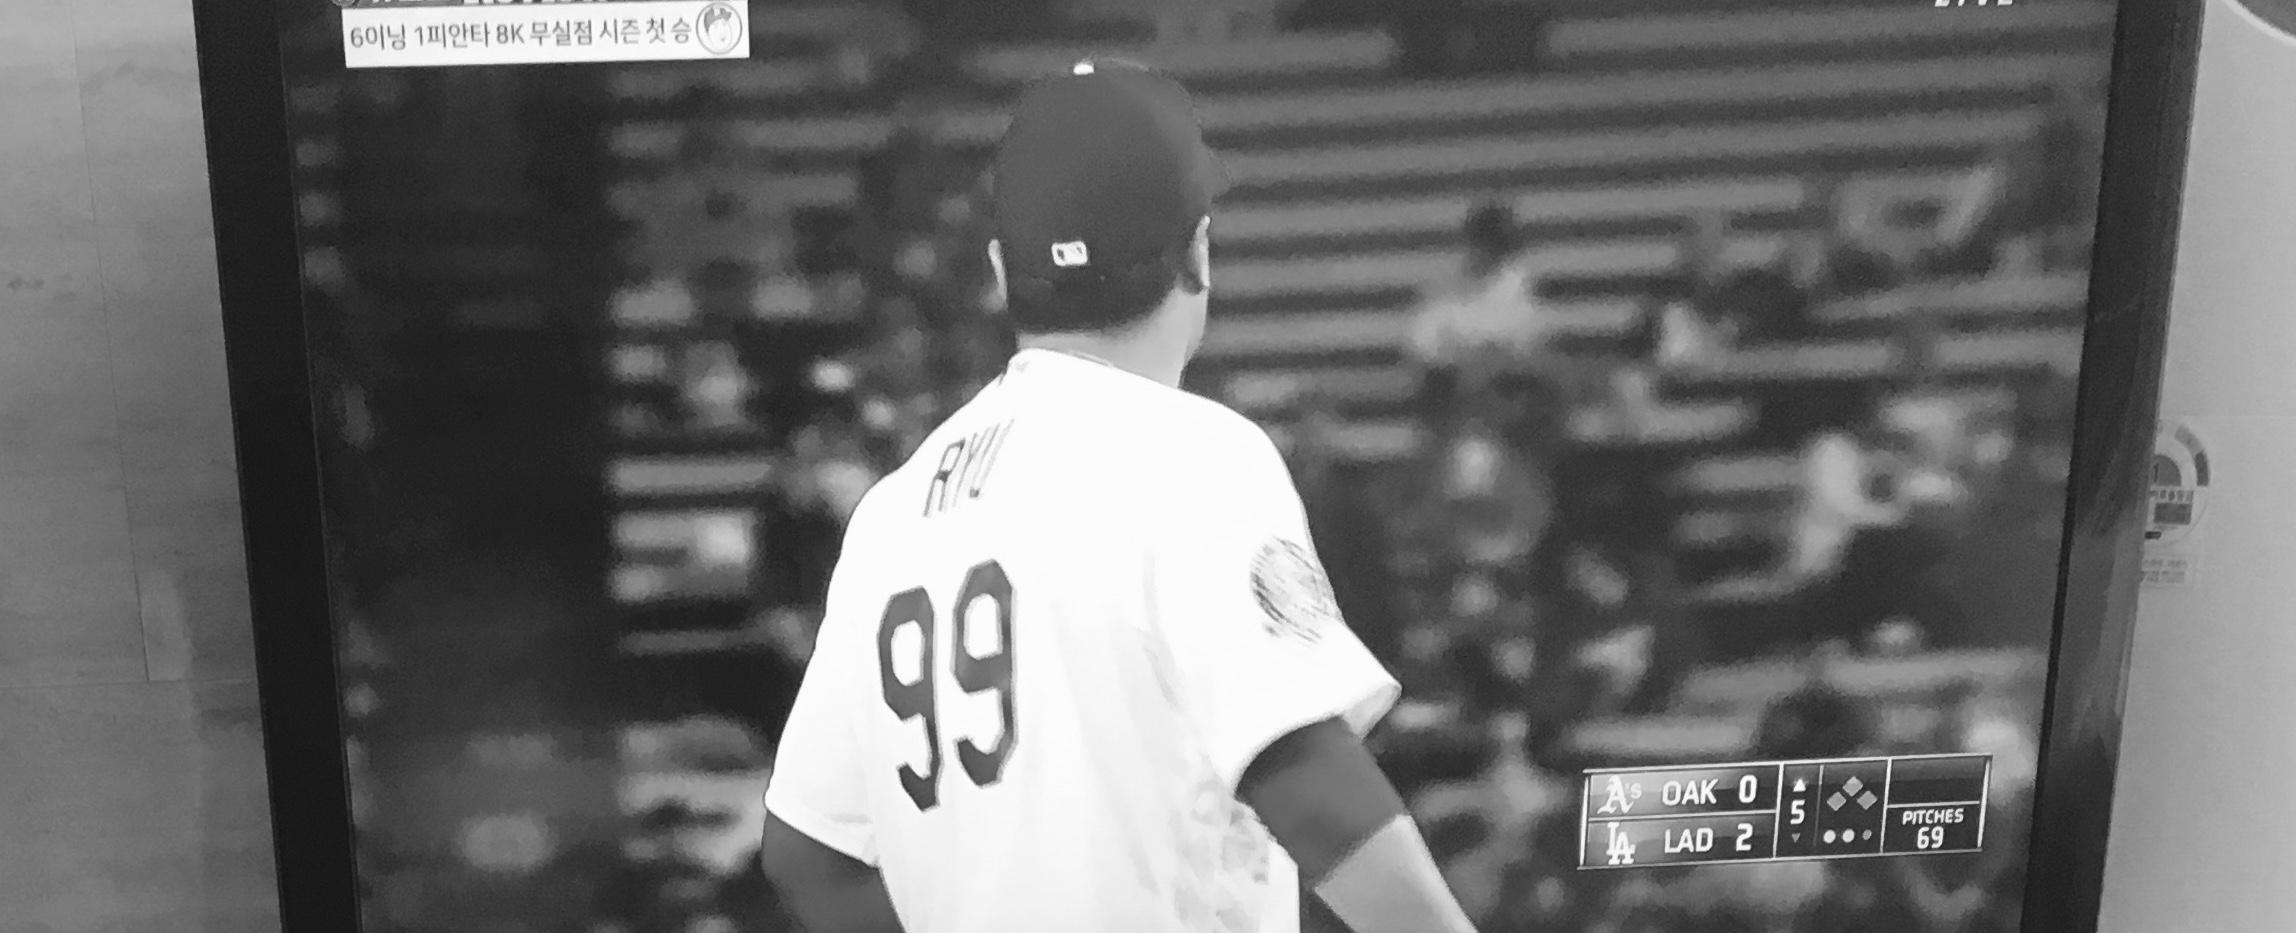 다섯번째 선발 투수 - 류현진 선수의 시즌 두번째 ...